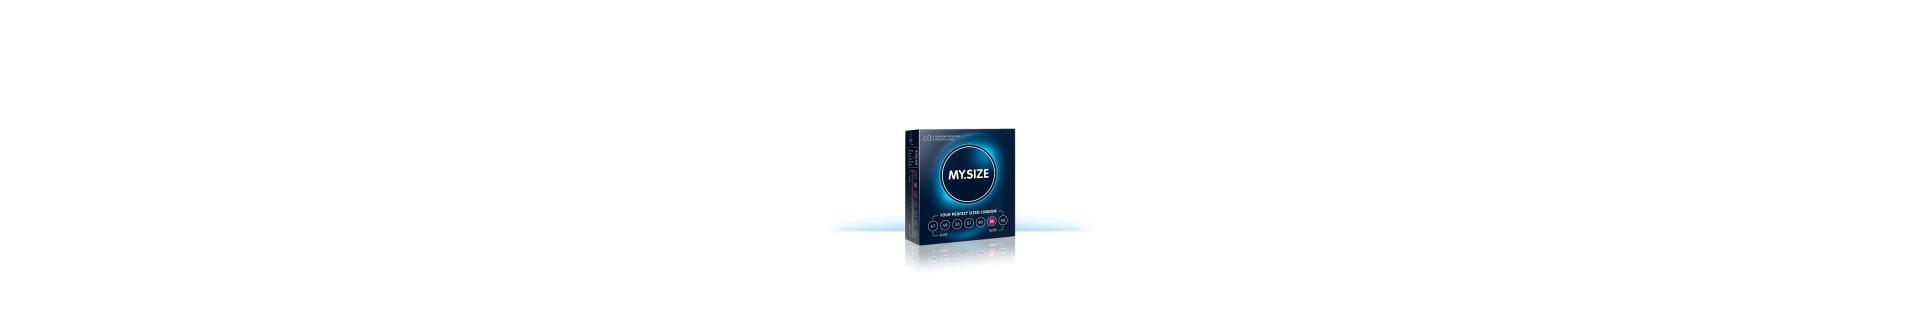 Comprar preservativos de gama natural online 【Envío discreto】 ❤️